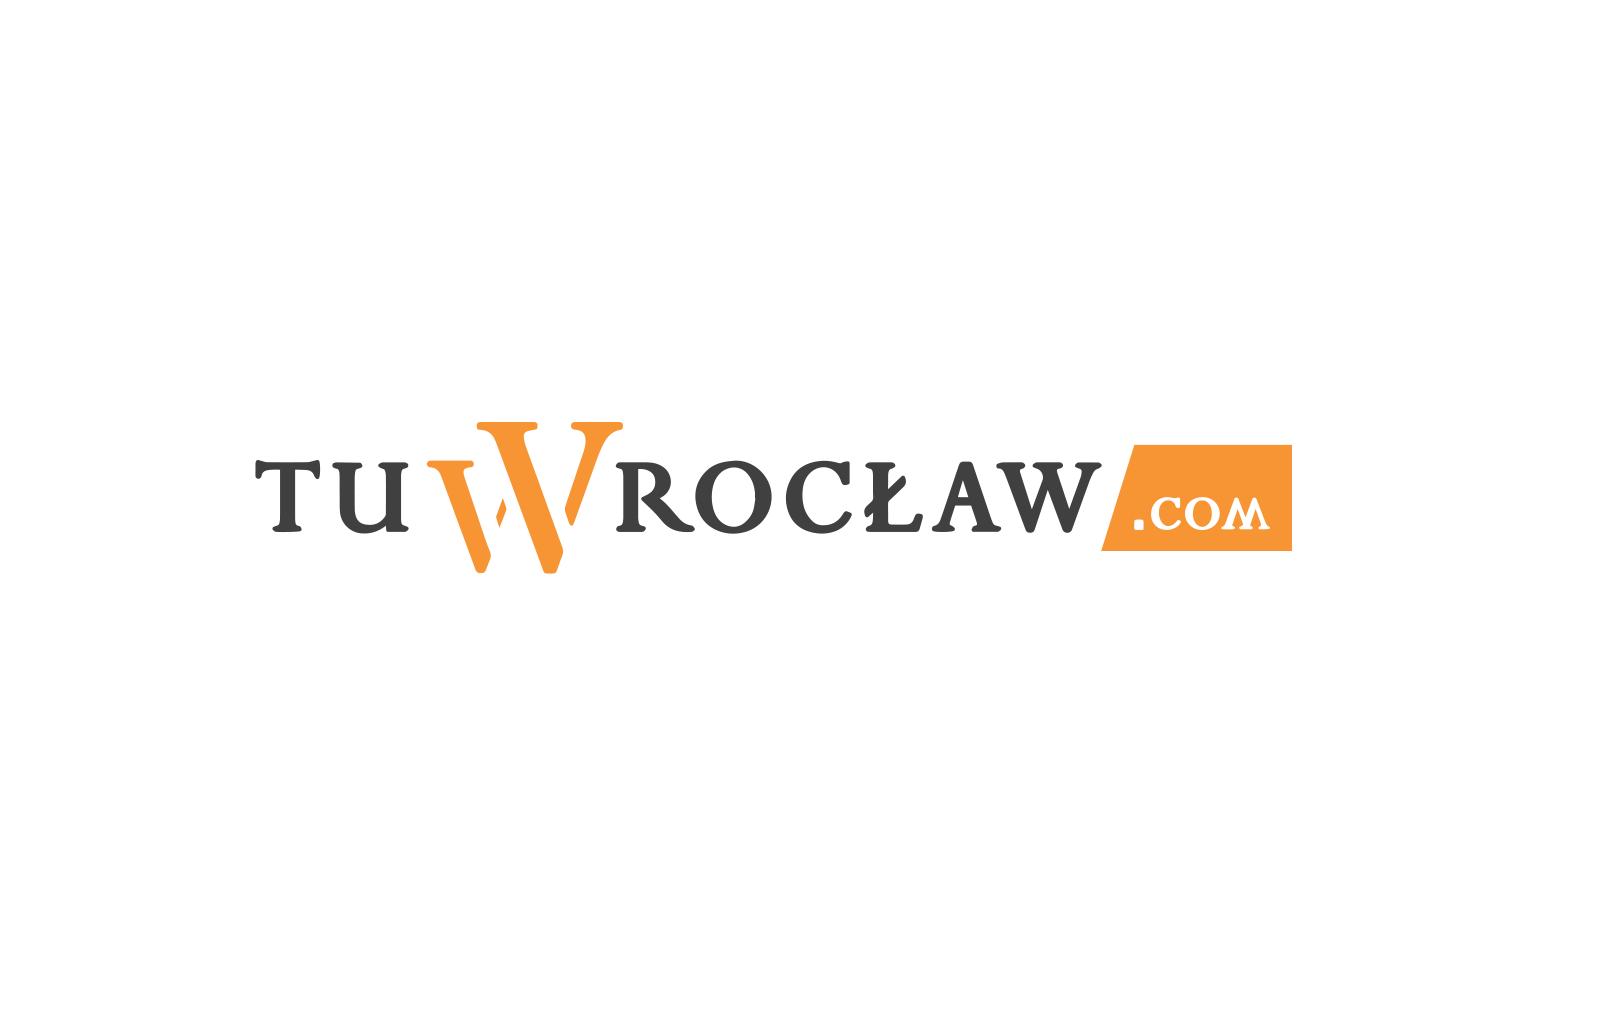 tuwroclaw